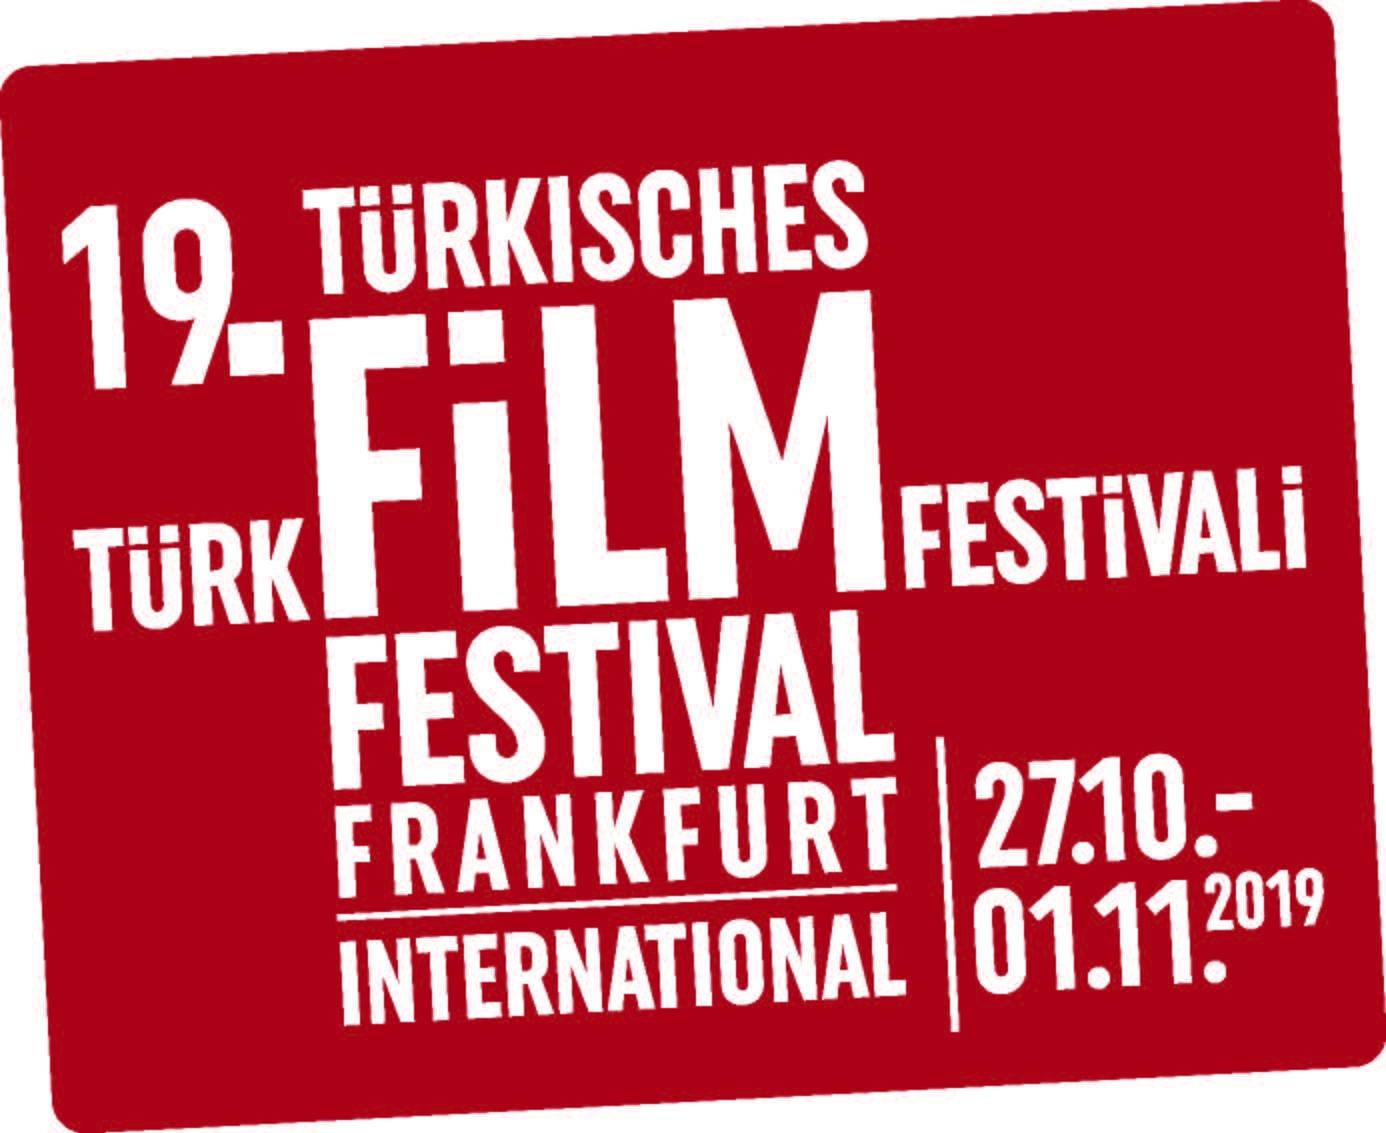 19. Uluslararası Frankfurt Türk Film Festivali 27 Ekim'de Başlıyor.